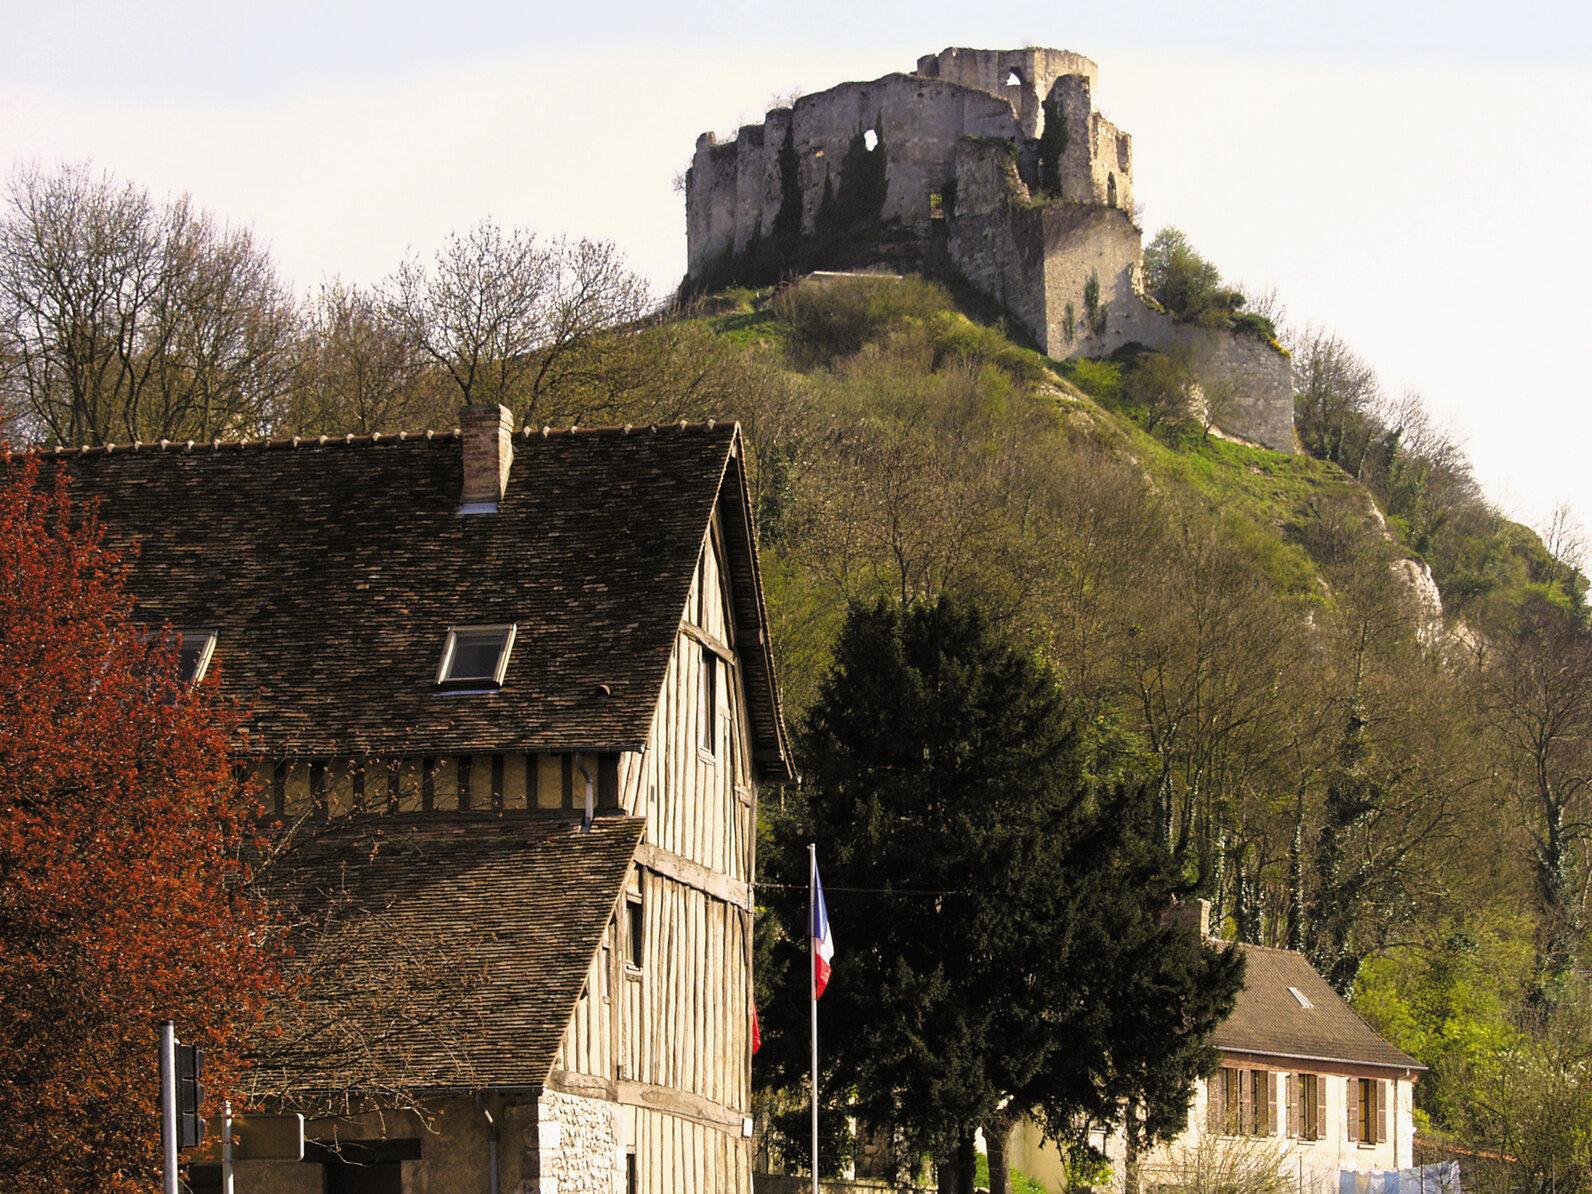 Chateau Gaillard, Francja Położony nad Sekwaną XII-wieczny zamek Chateau Gaillard wybudowany został w ciągu zaledwie jednego roku na rozkaz Ryszarda Lwie Serce. Stosunkowo krótko uważano go za niemożliwy do zdobycia, bowiem już w 1204 zajęły go wojska francuskie. Twierdza popadła w ruinę około XVI wieku i w takim stanie utrzymywana jest do dziś.